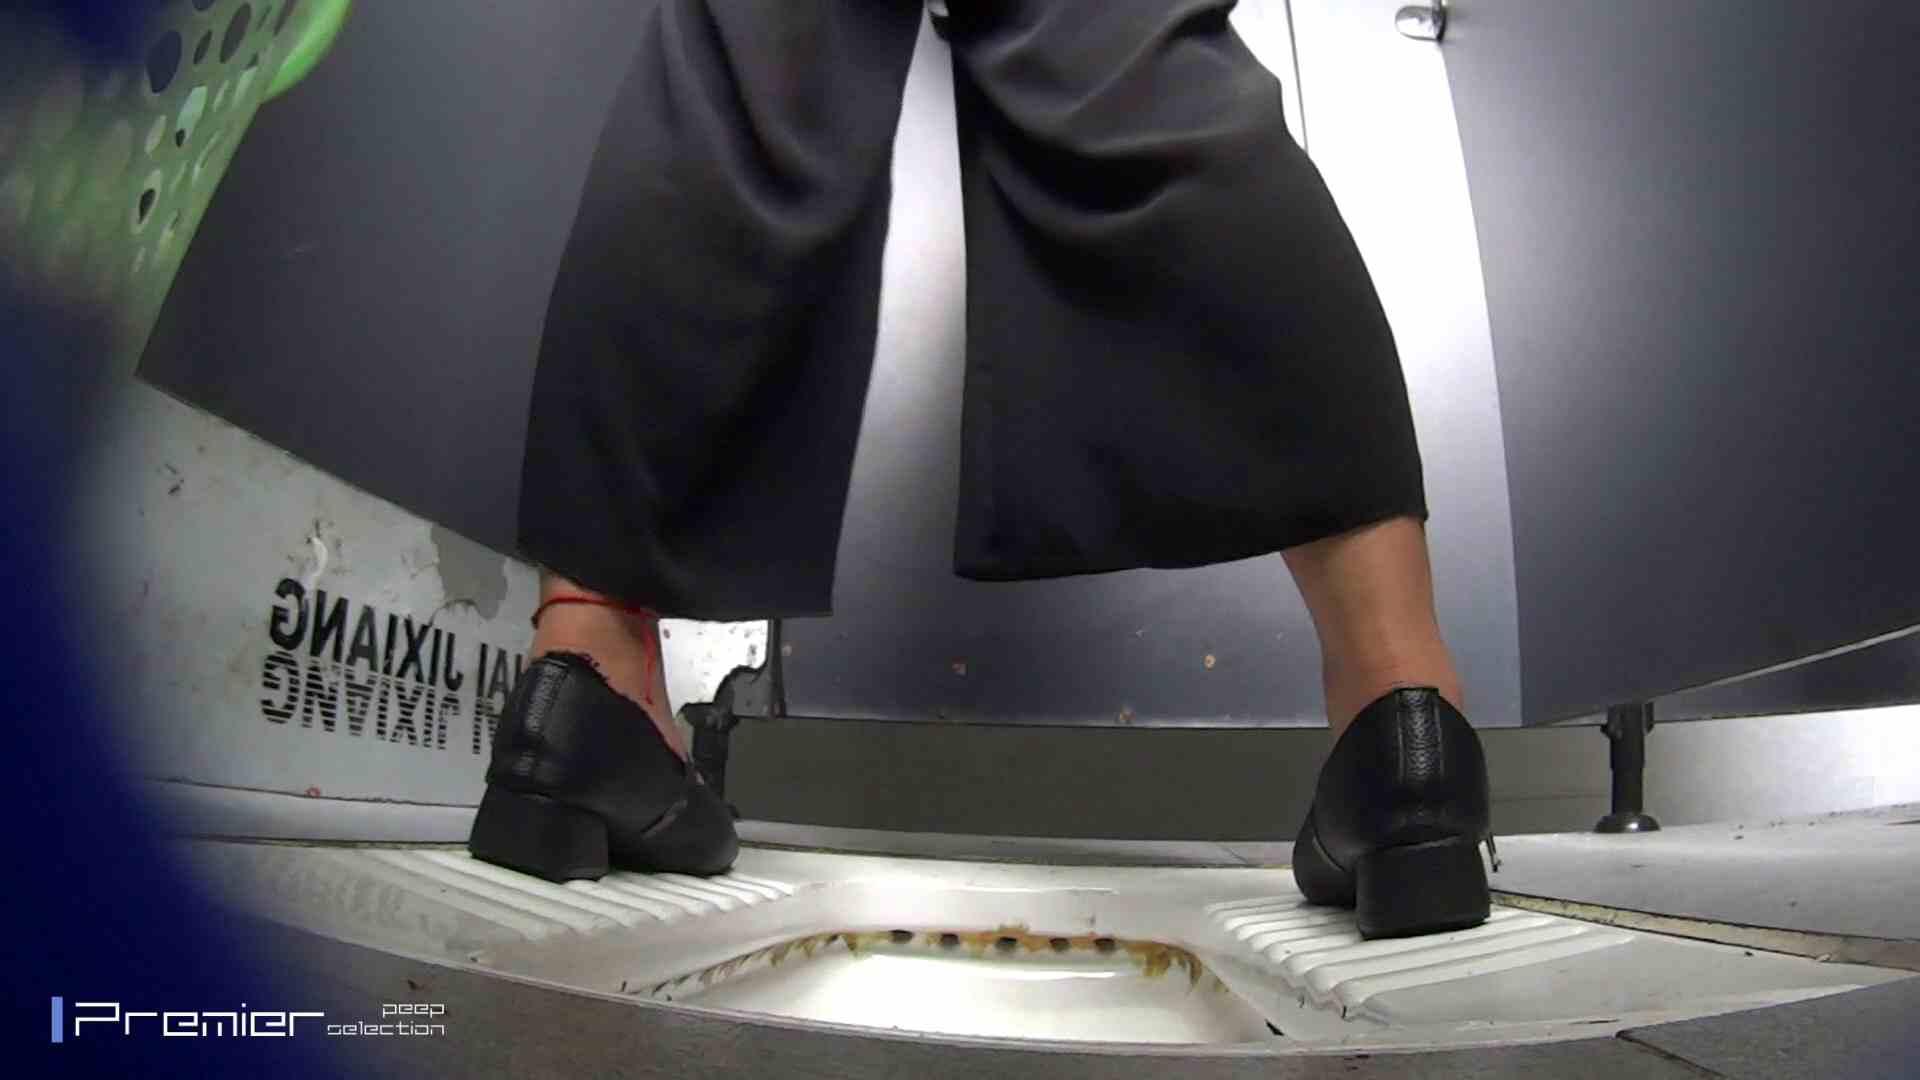 夏全開!ハーフパンツのギャル達 大学休憩時間の洗面所事情44 細身女性 オマンコ無修正動画無料 105画像 18